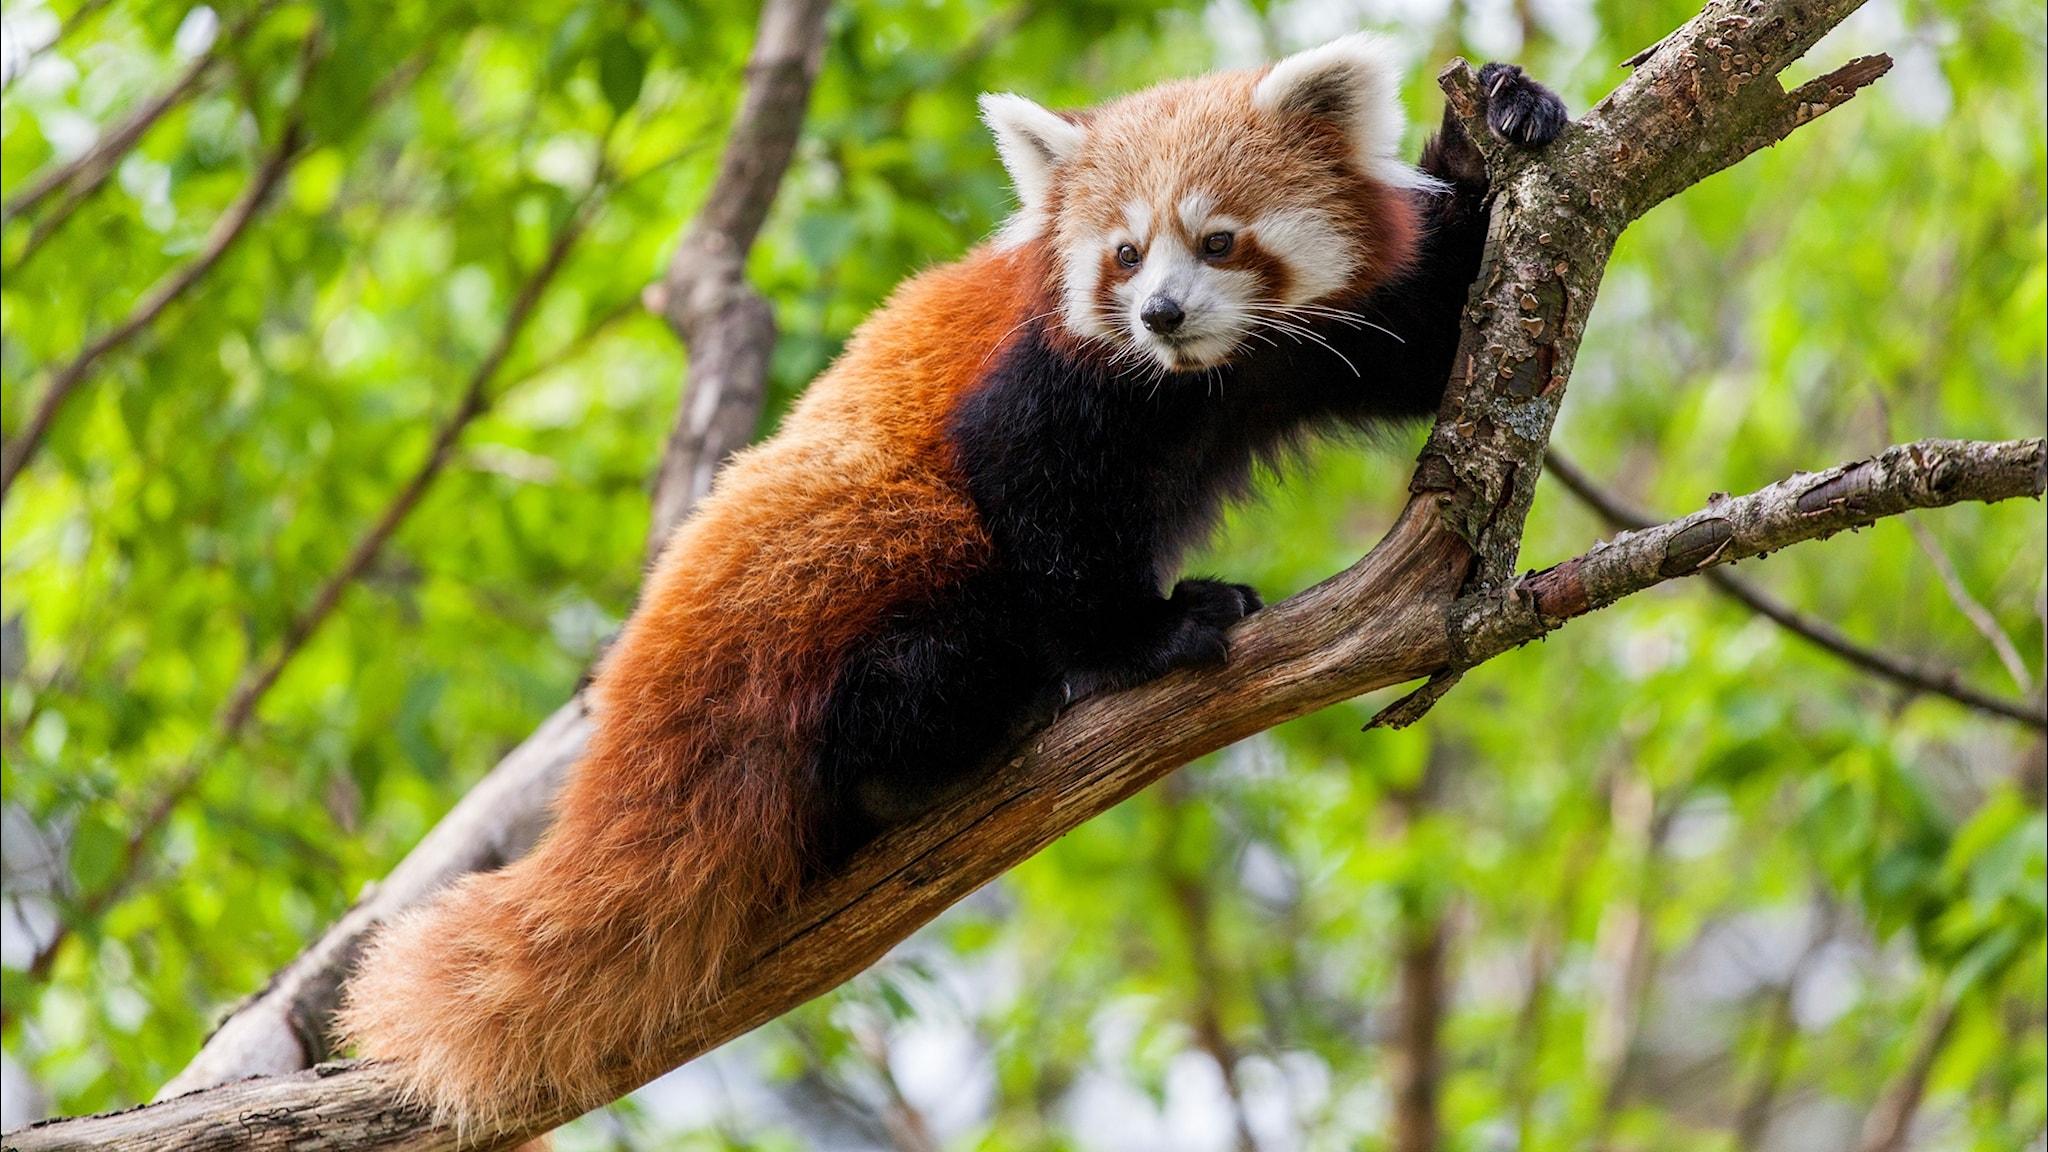 Ny rapport: En miljon arter hotas av utrotning - spela